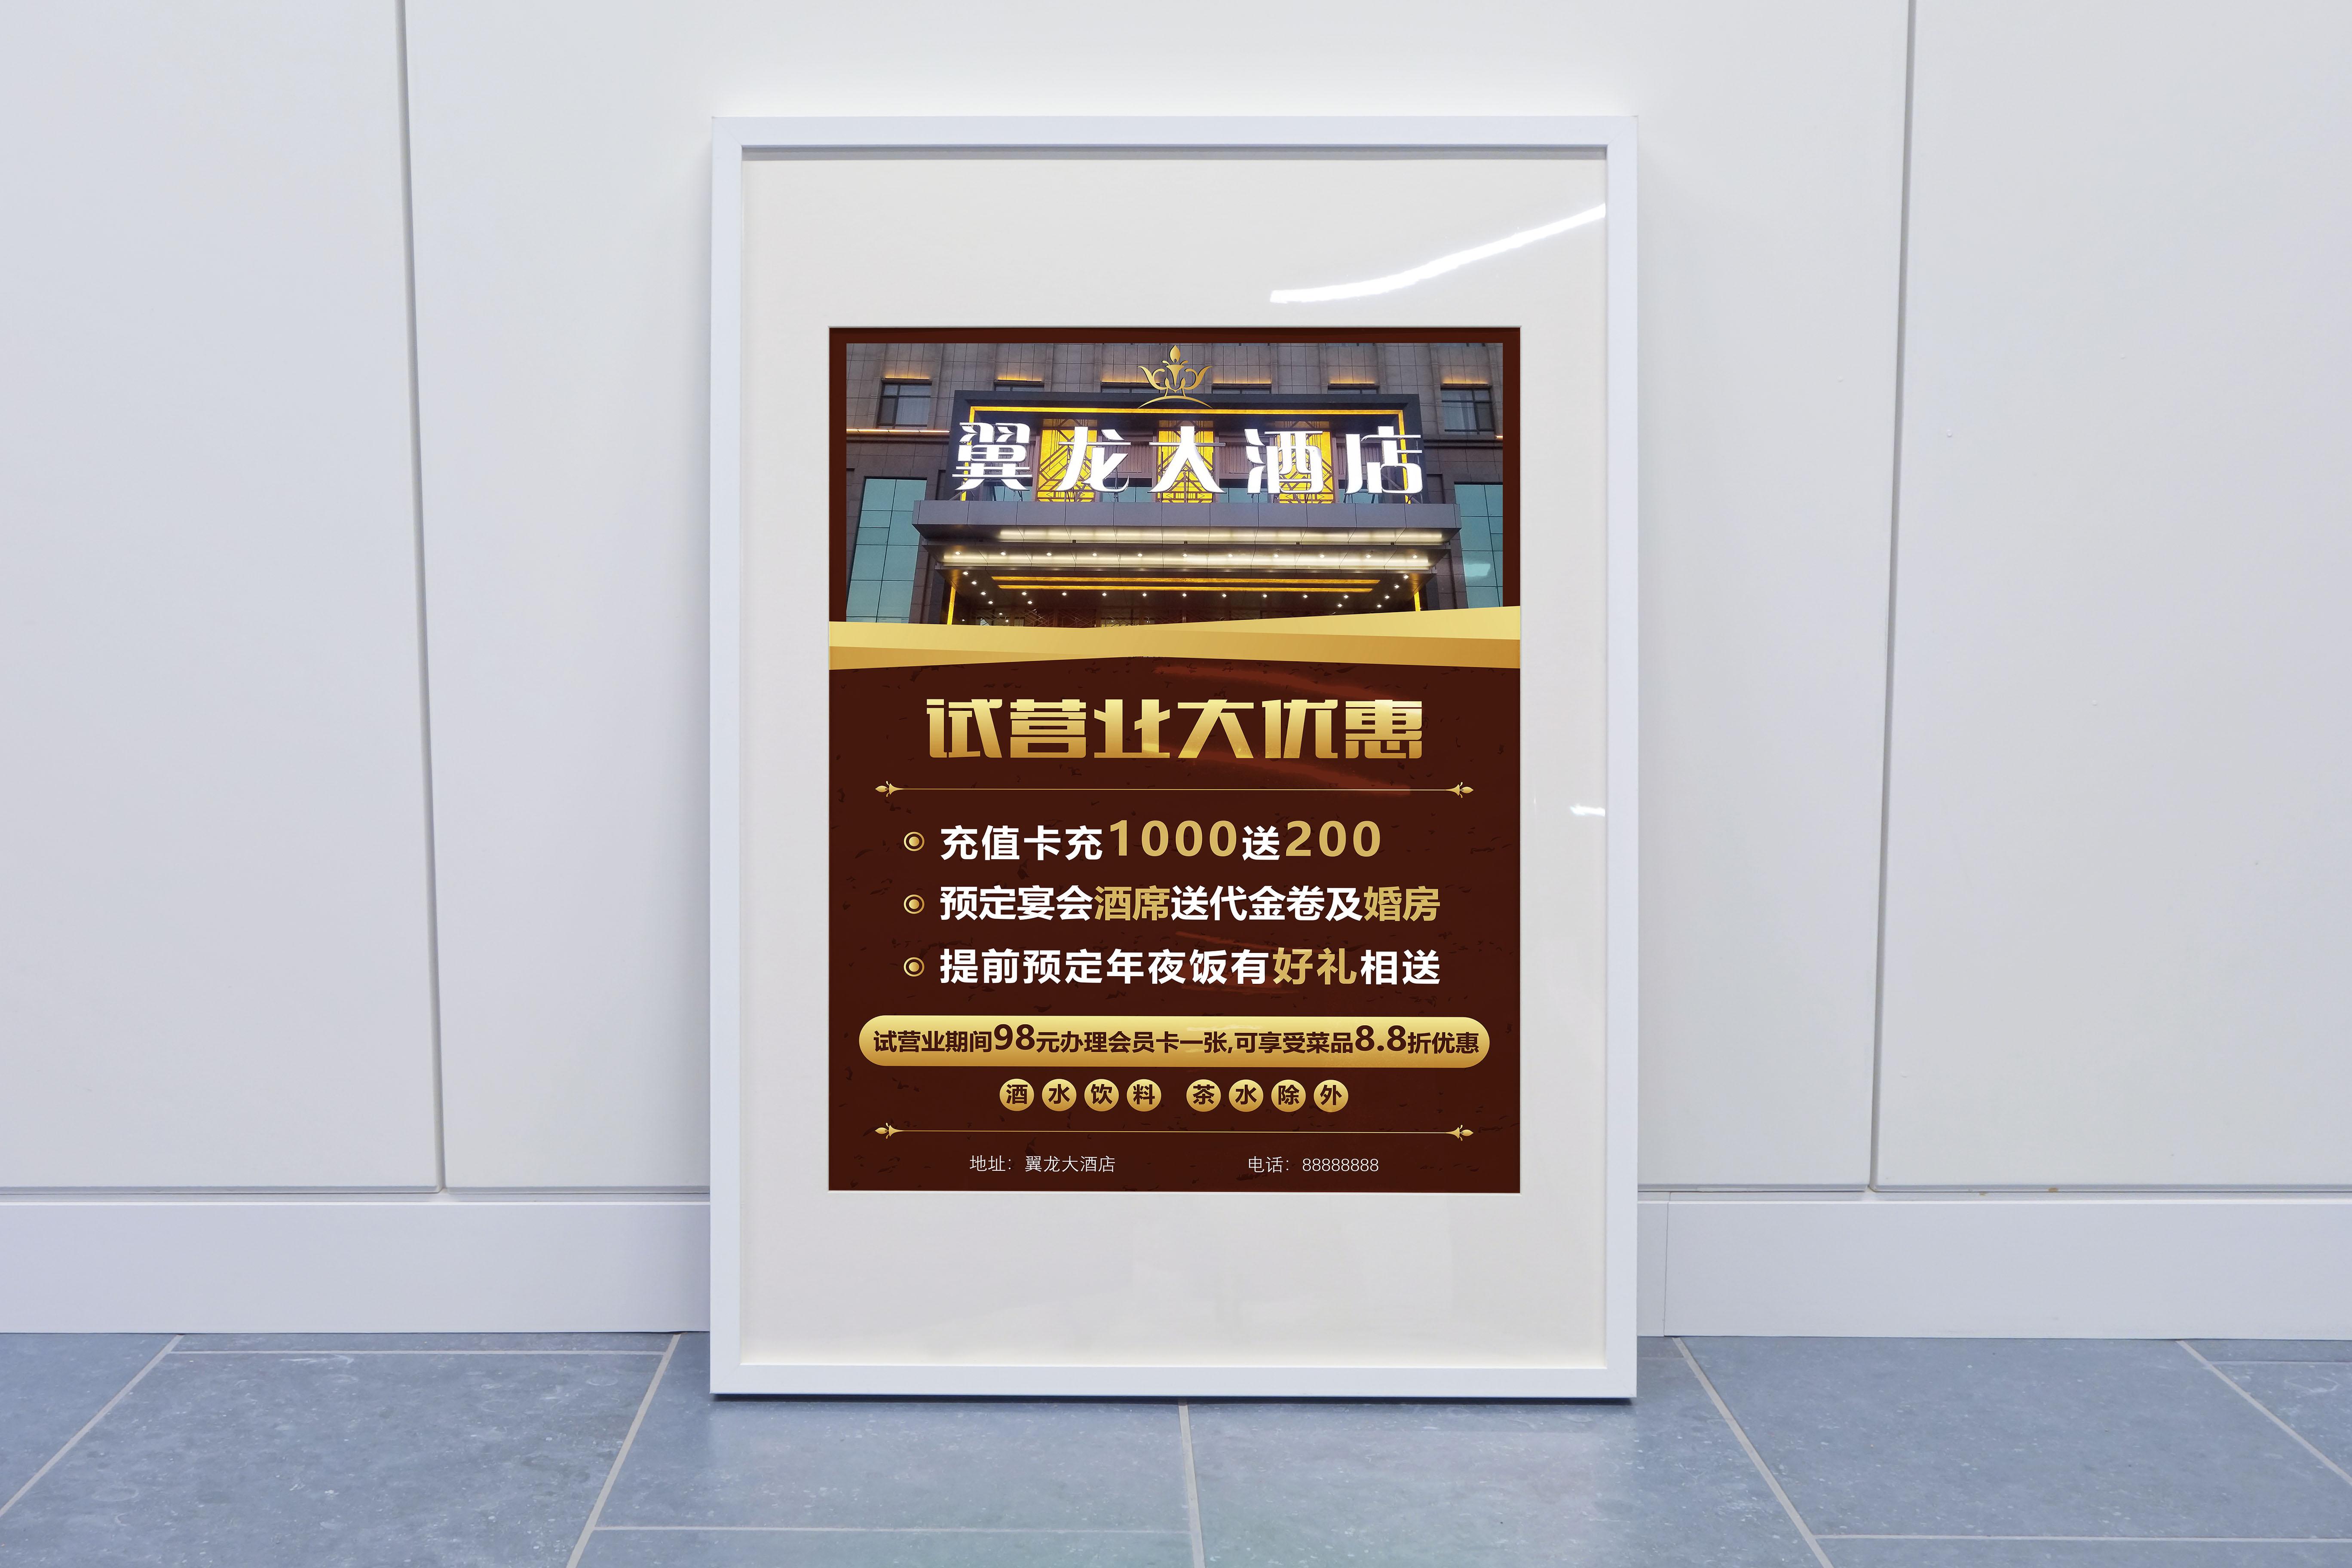 电梯海报设计_3020212_k68威客网